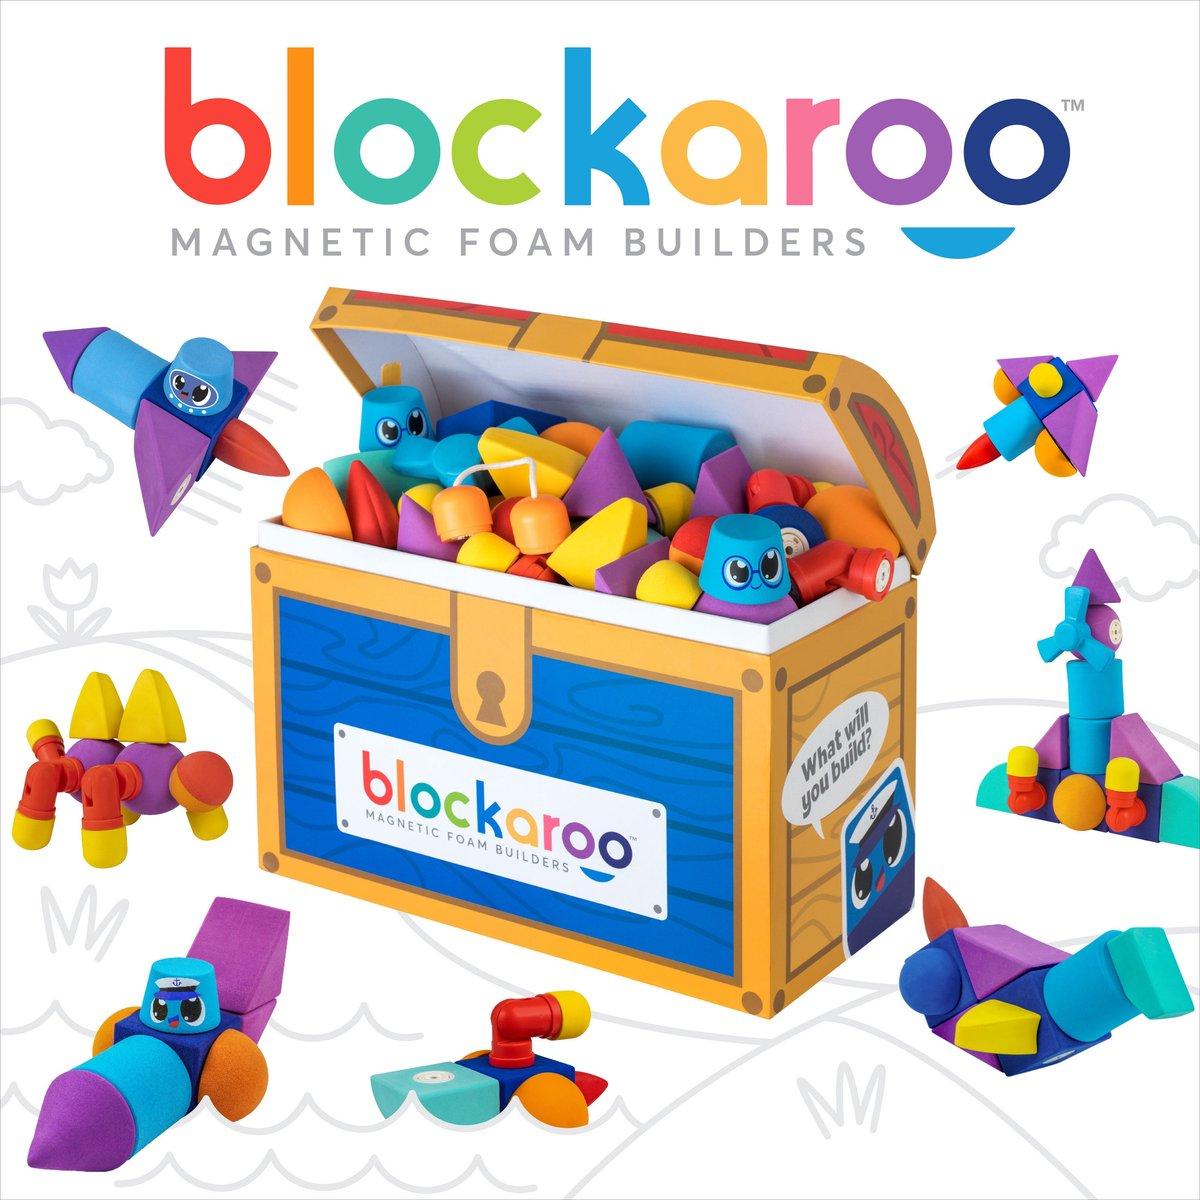 Blockaroo schatkist box-100 stuks-magnetisch speelgoed-peuter speelgoed-speelgoed 1,5 jaar-badspeelgoed-badspeeltjes